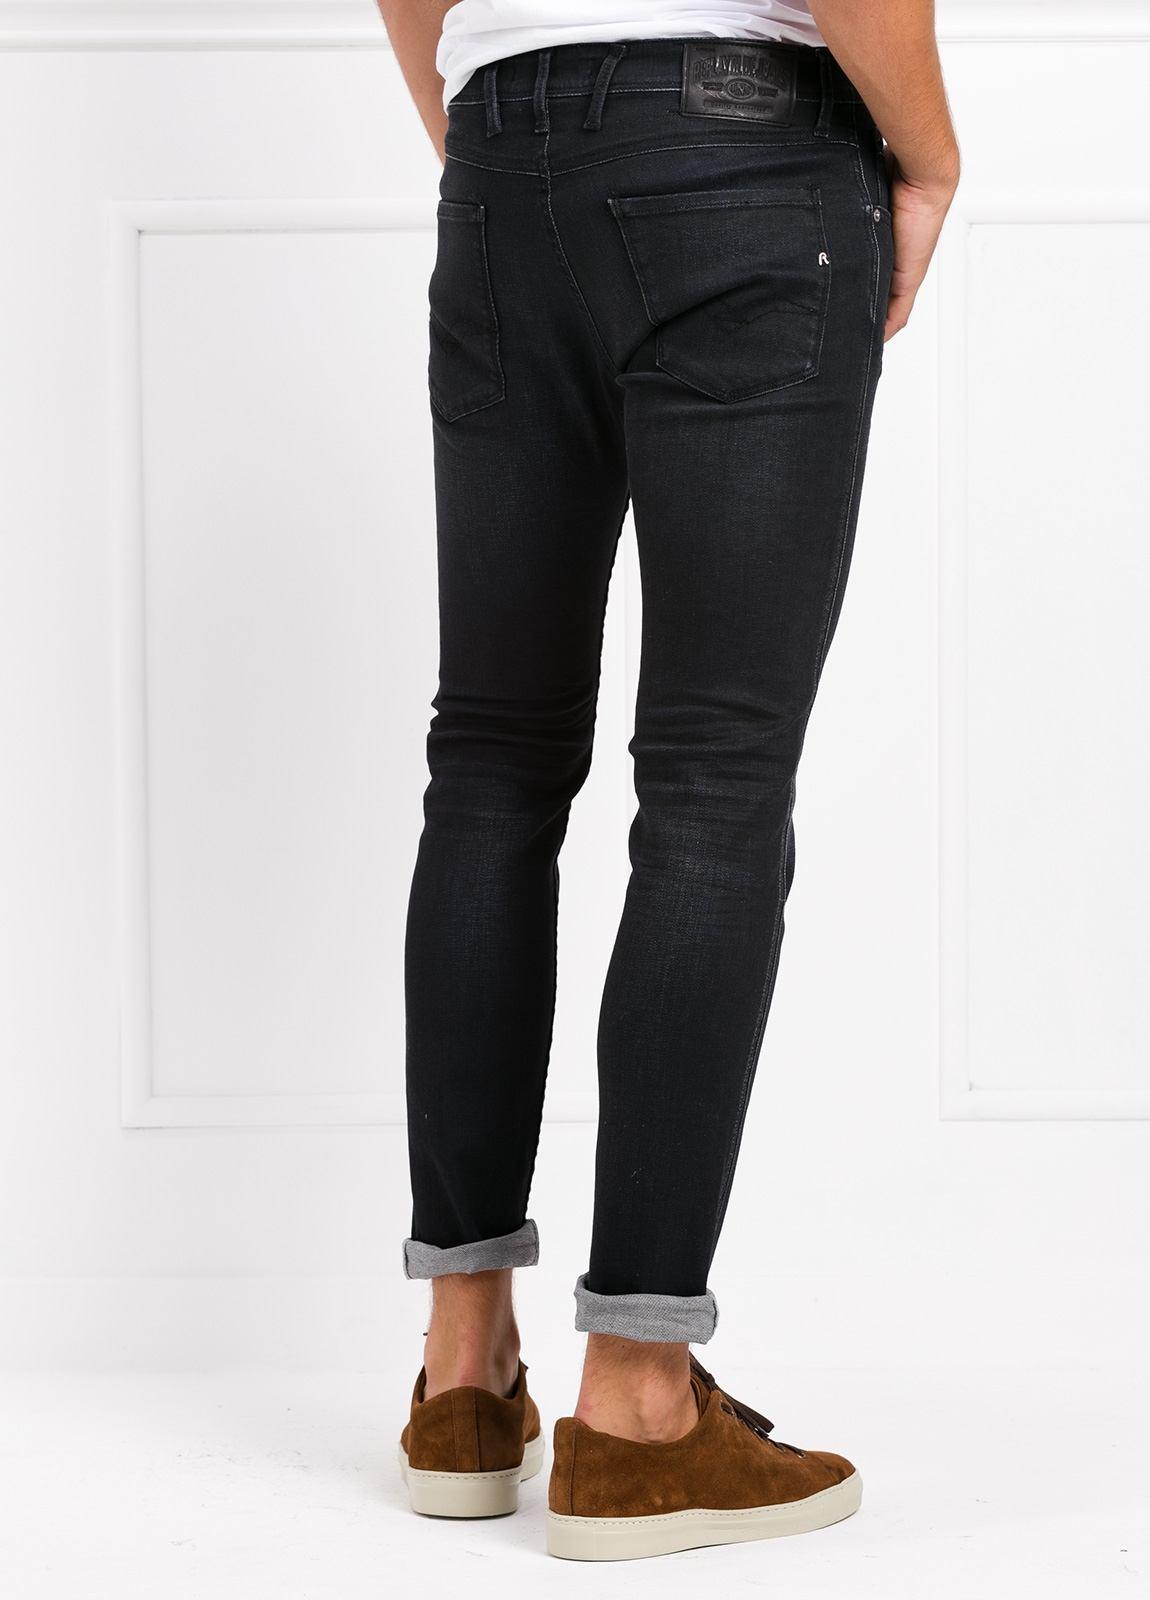 Pantalón tejano 12,5 oz SLIM 914J ANBASS color negro encerado. 90% Algodón 6% Pol. 4% Elastano. - Ítem3